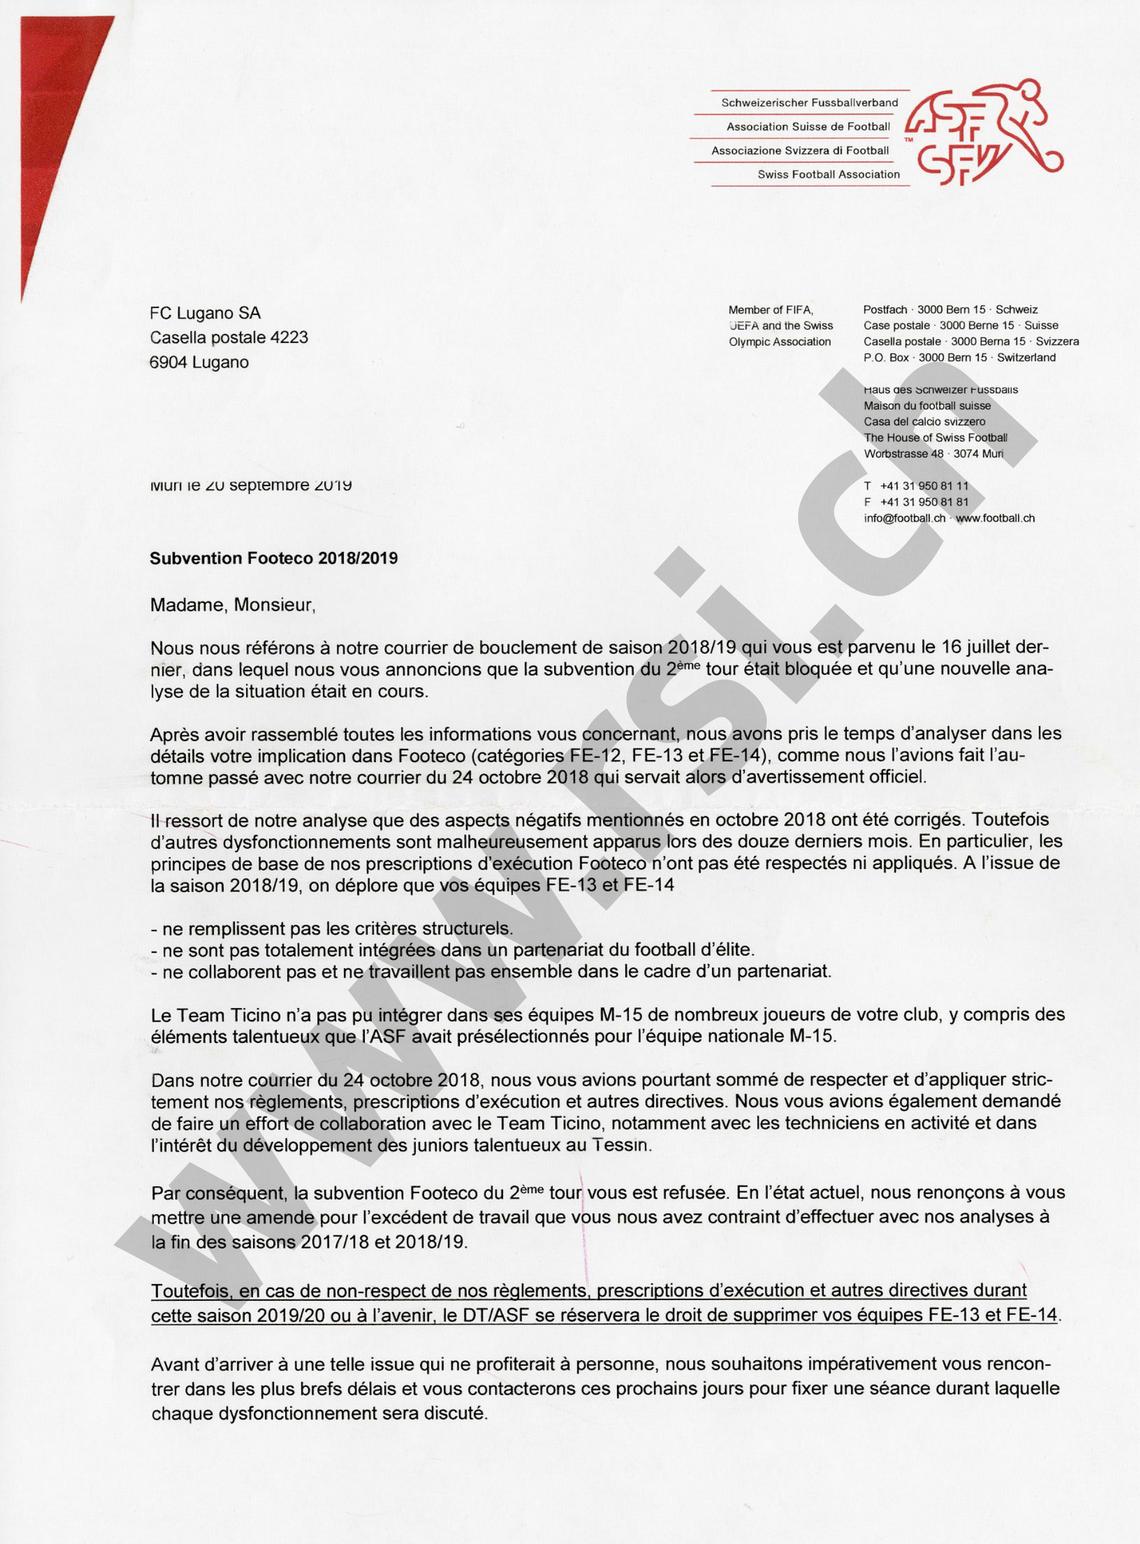 La lettera dell'ASF